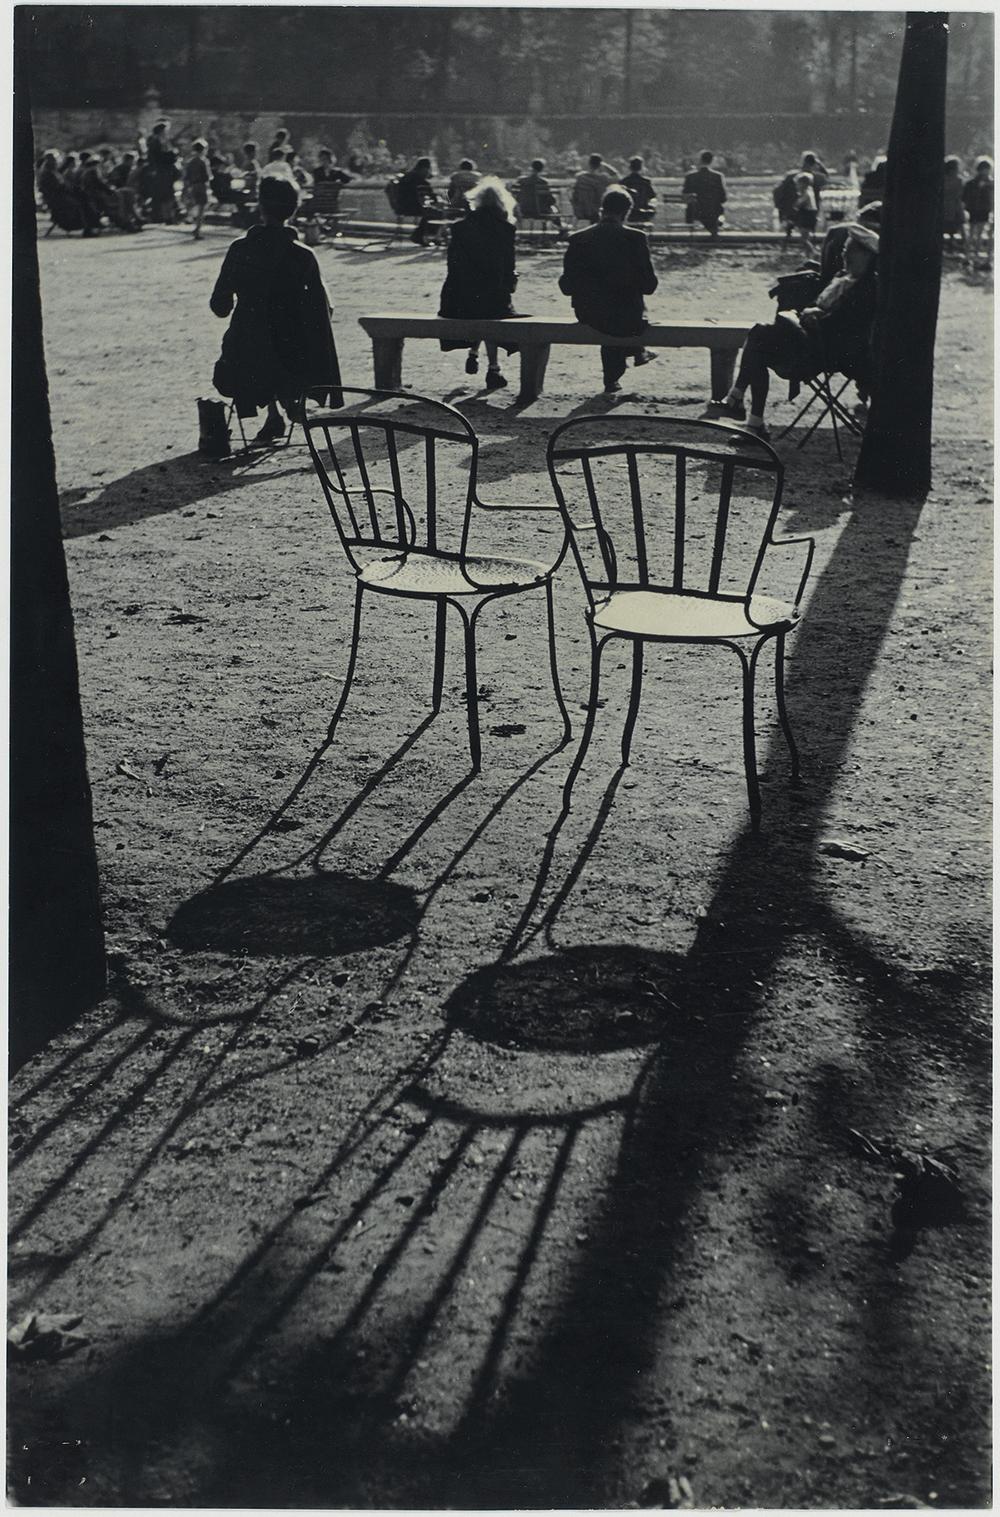 Ο ειδυλλιακός Κήπος του Λουξεμβούργου στο Παρίσι, το 1952